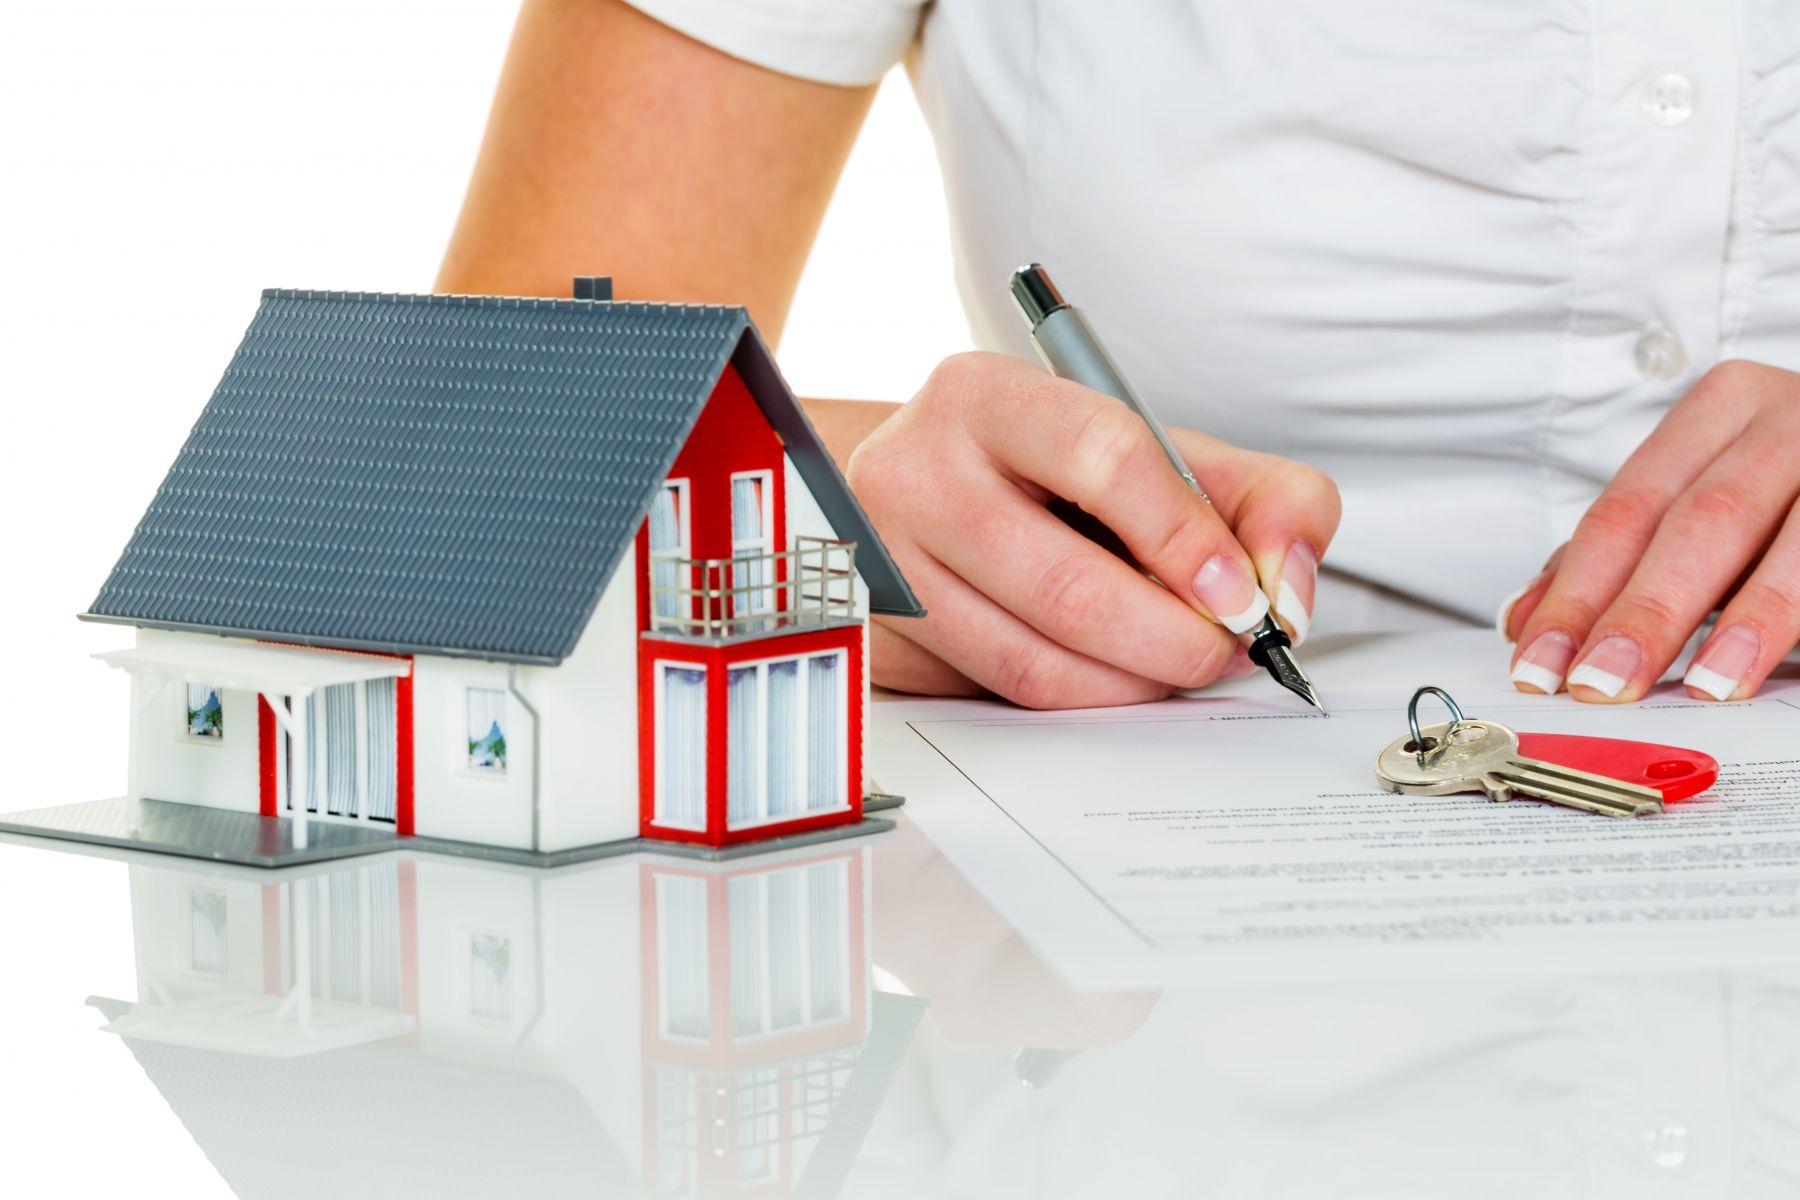 央行總裁提醒升息風險 三類房貸族群要注意!